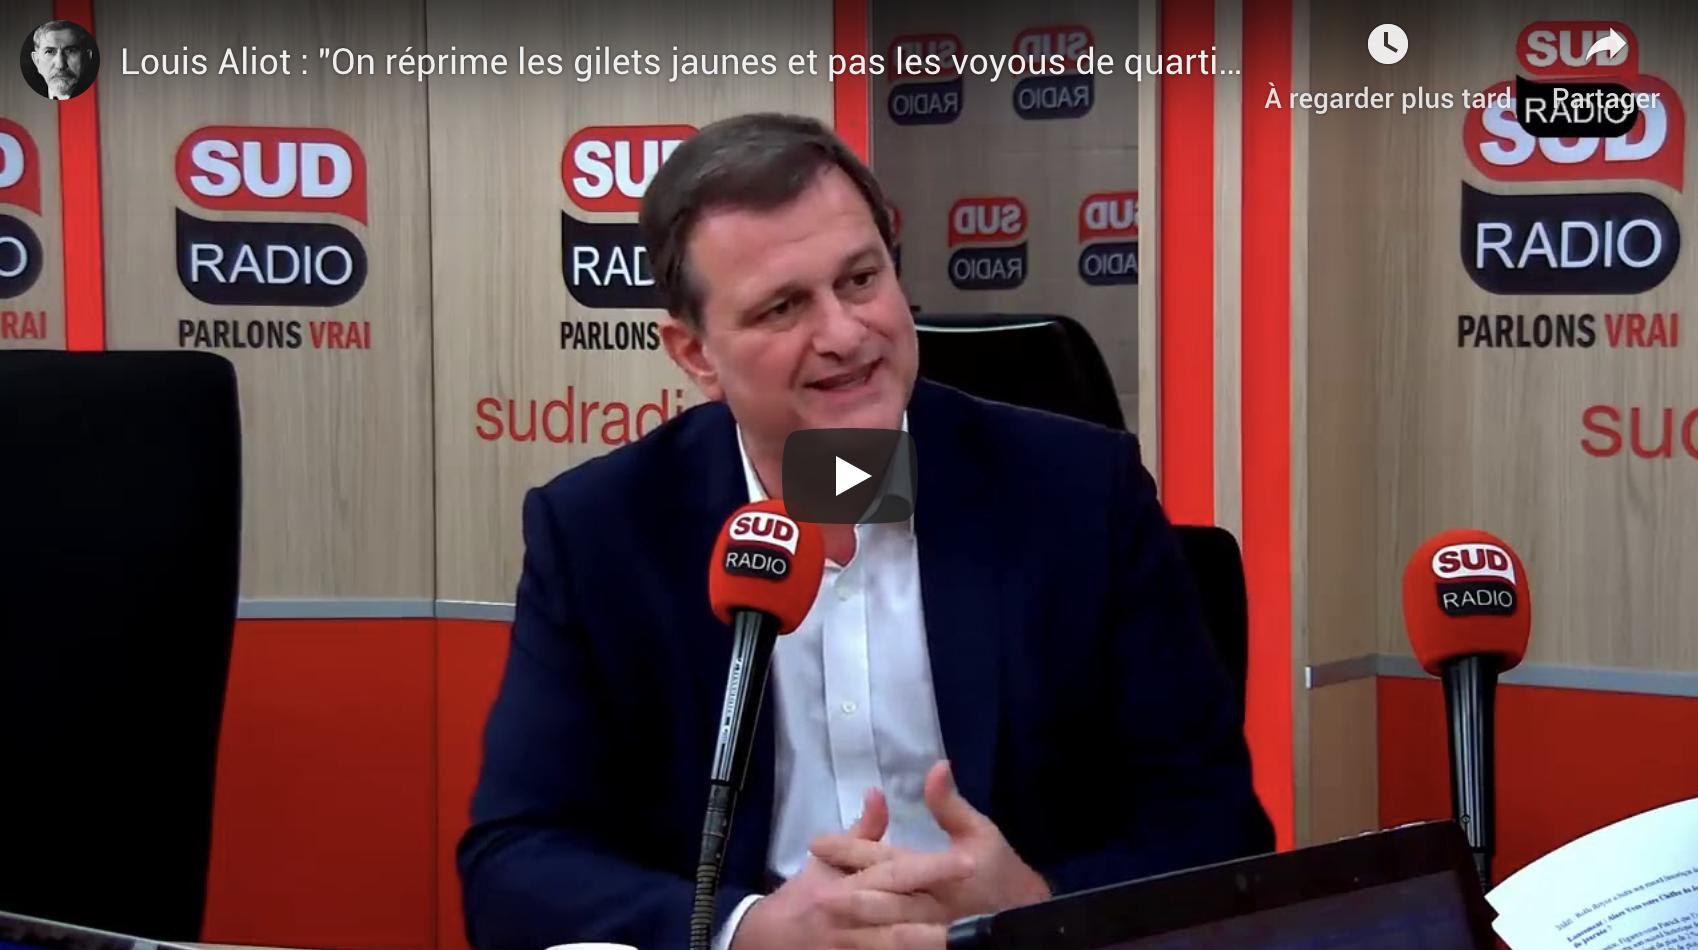 """Louis Aliot : """"On réprime les Gilets Jaunes et pas les voyous de quartier"""" (VIDÉO)"""